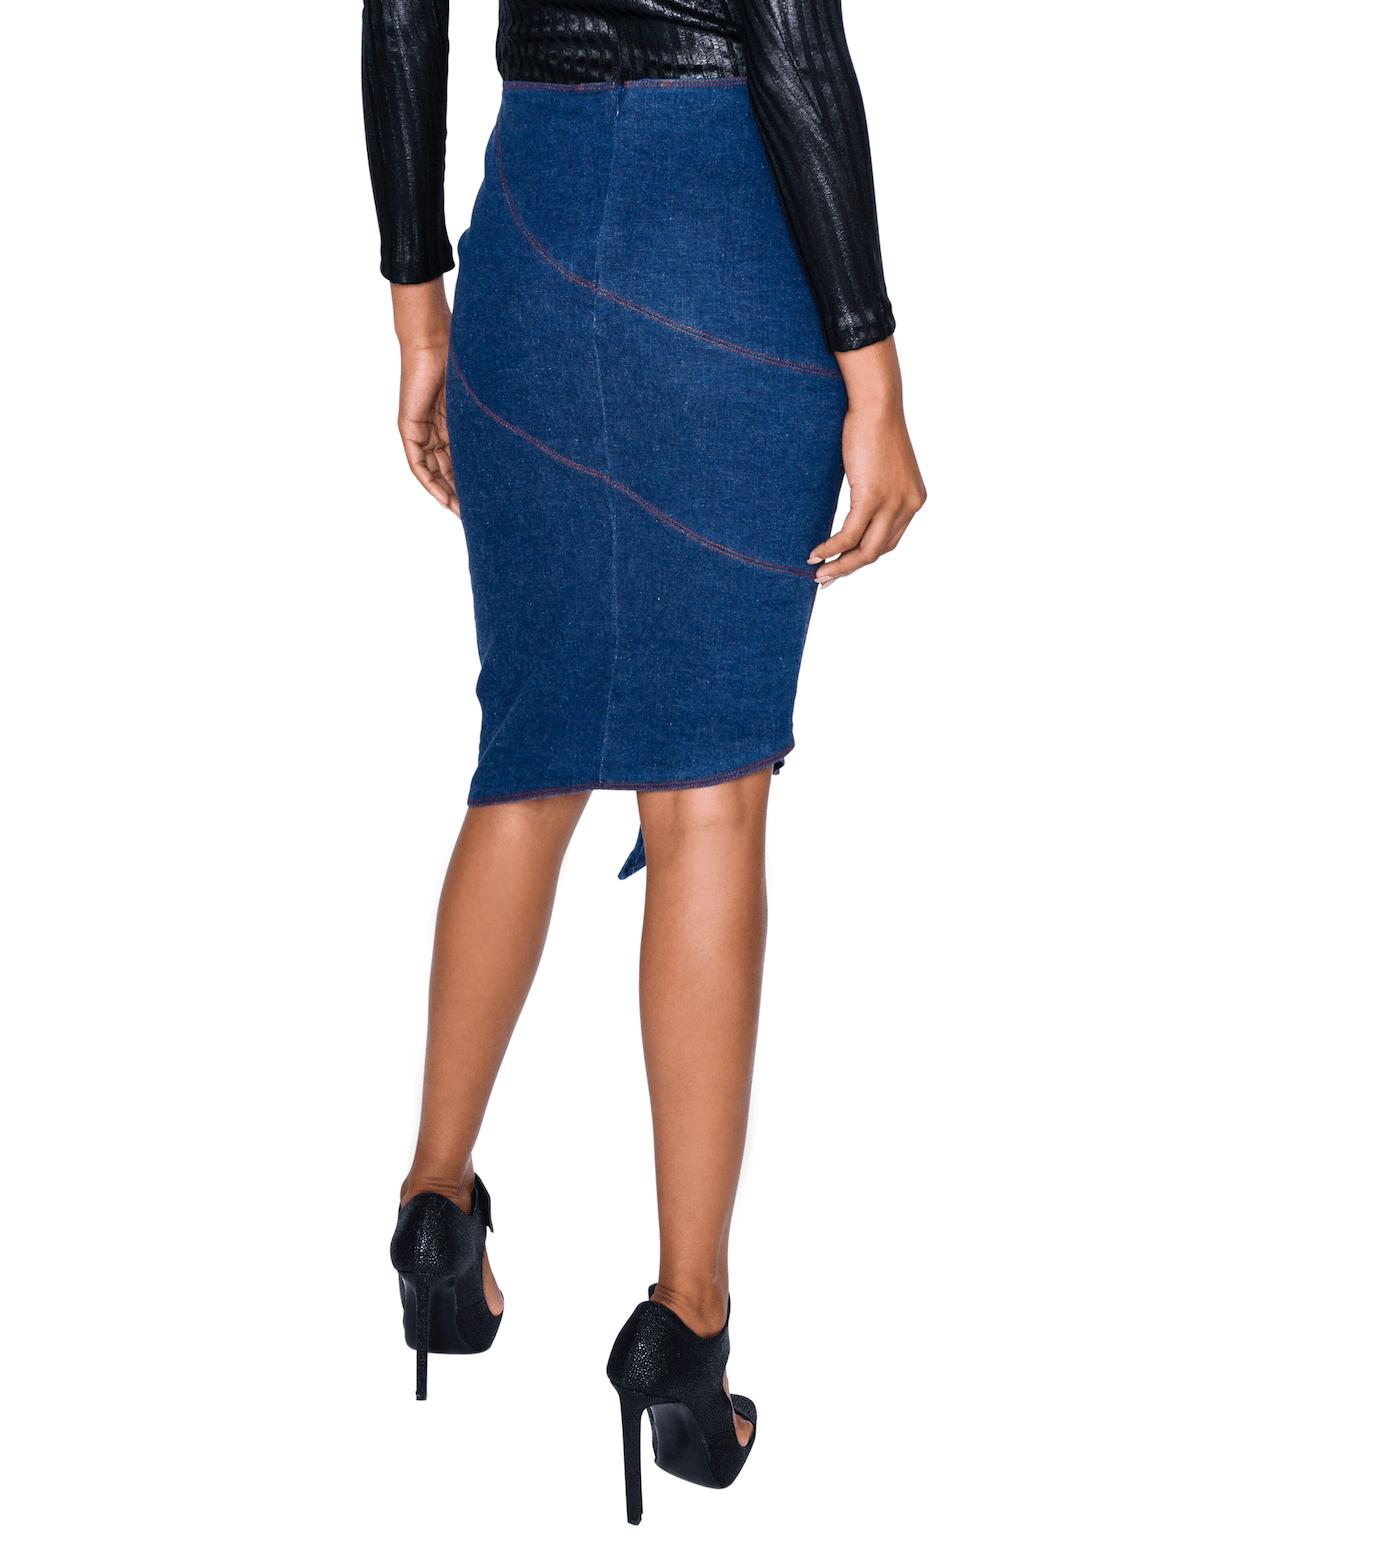 Skirt ALFIRK II 3